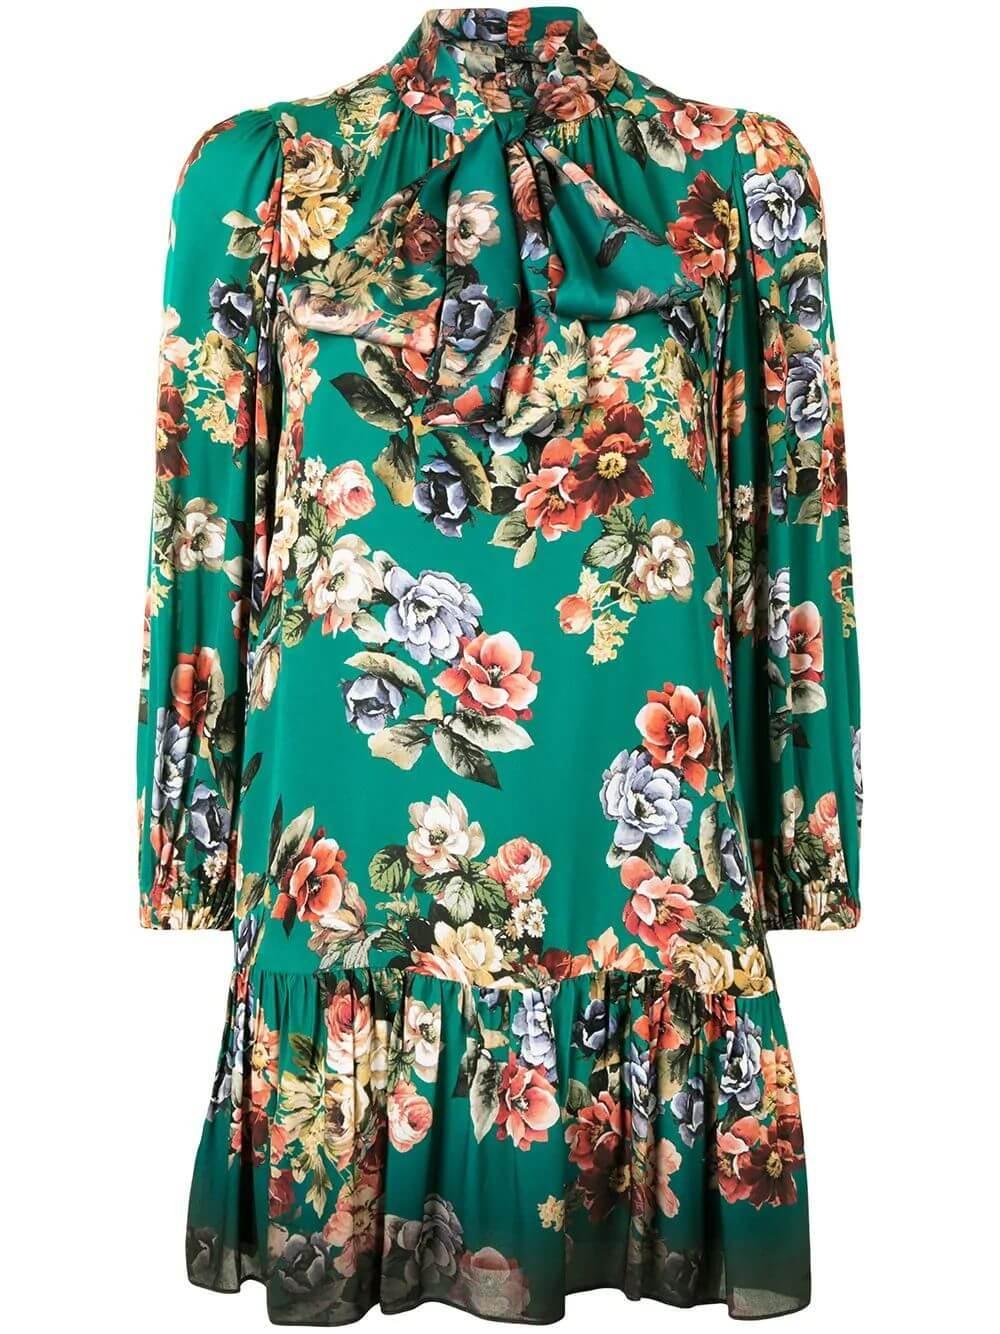 Merrille Dress